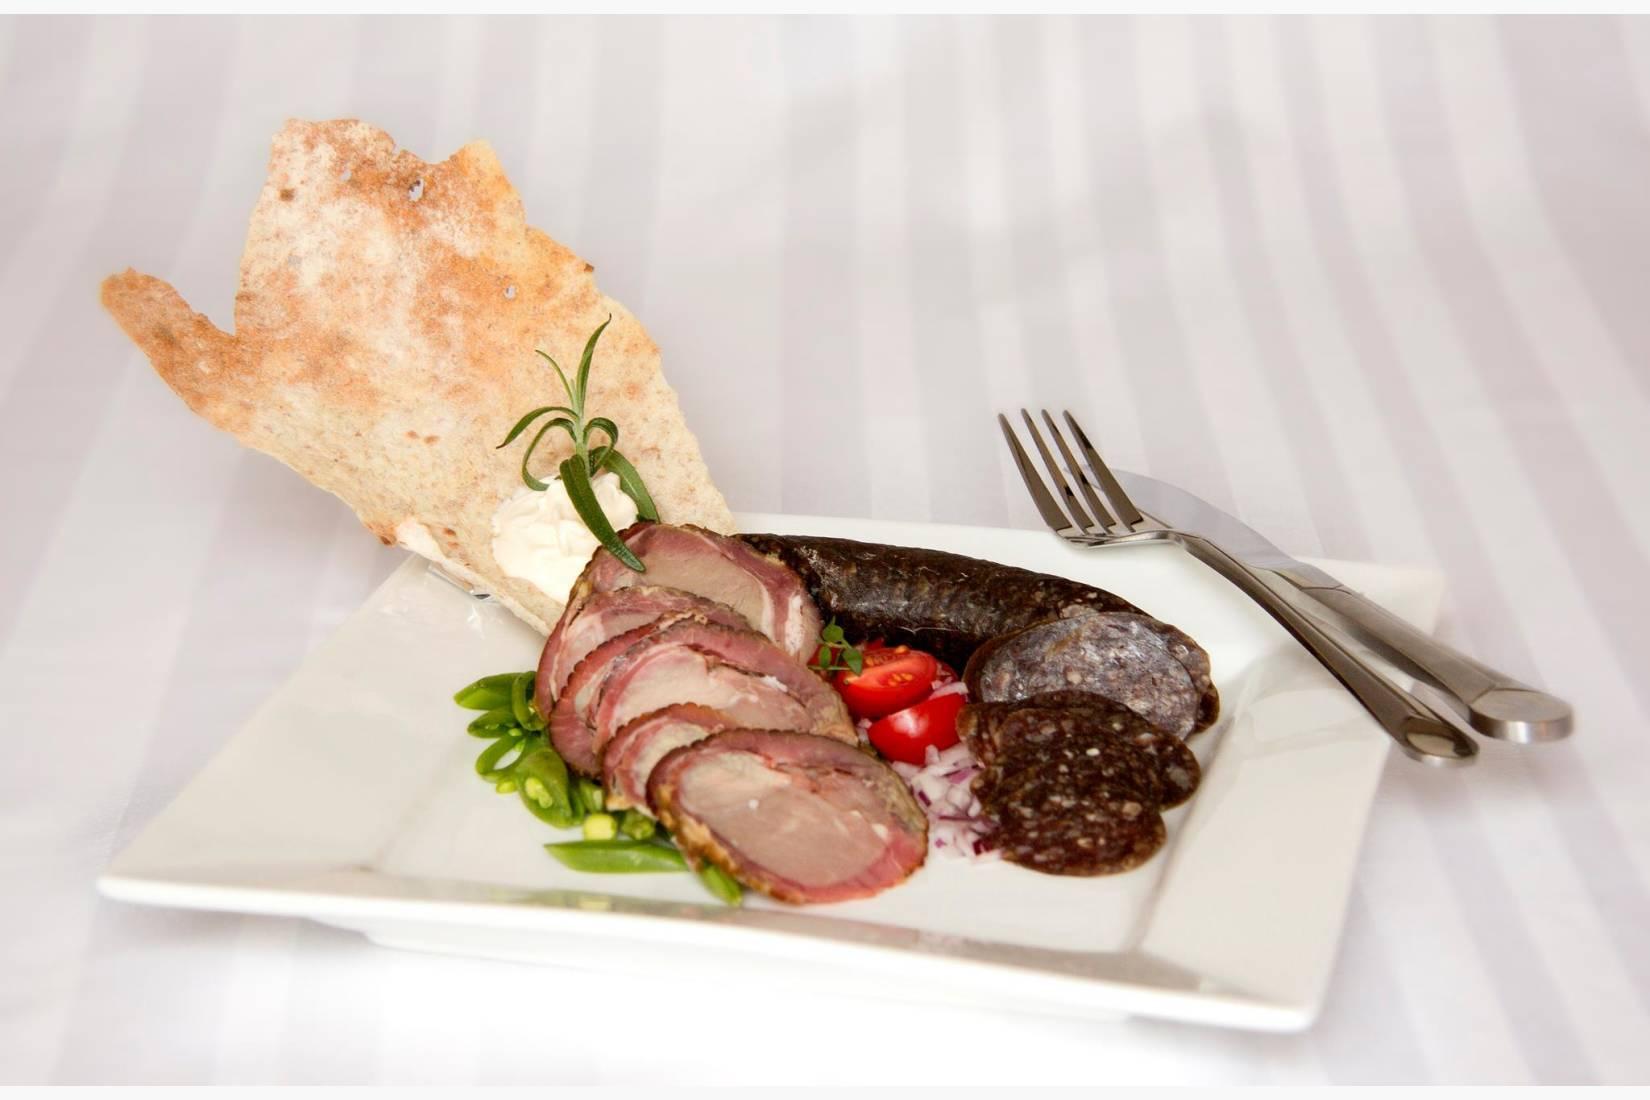 Badsturøkt kjøtt på Namdalsk vis er en smakfull tradisjon fra Nord-Trøndelag.